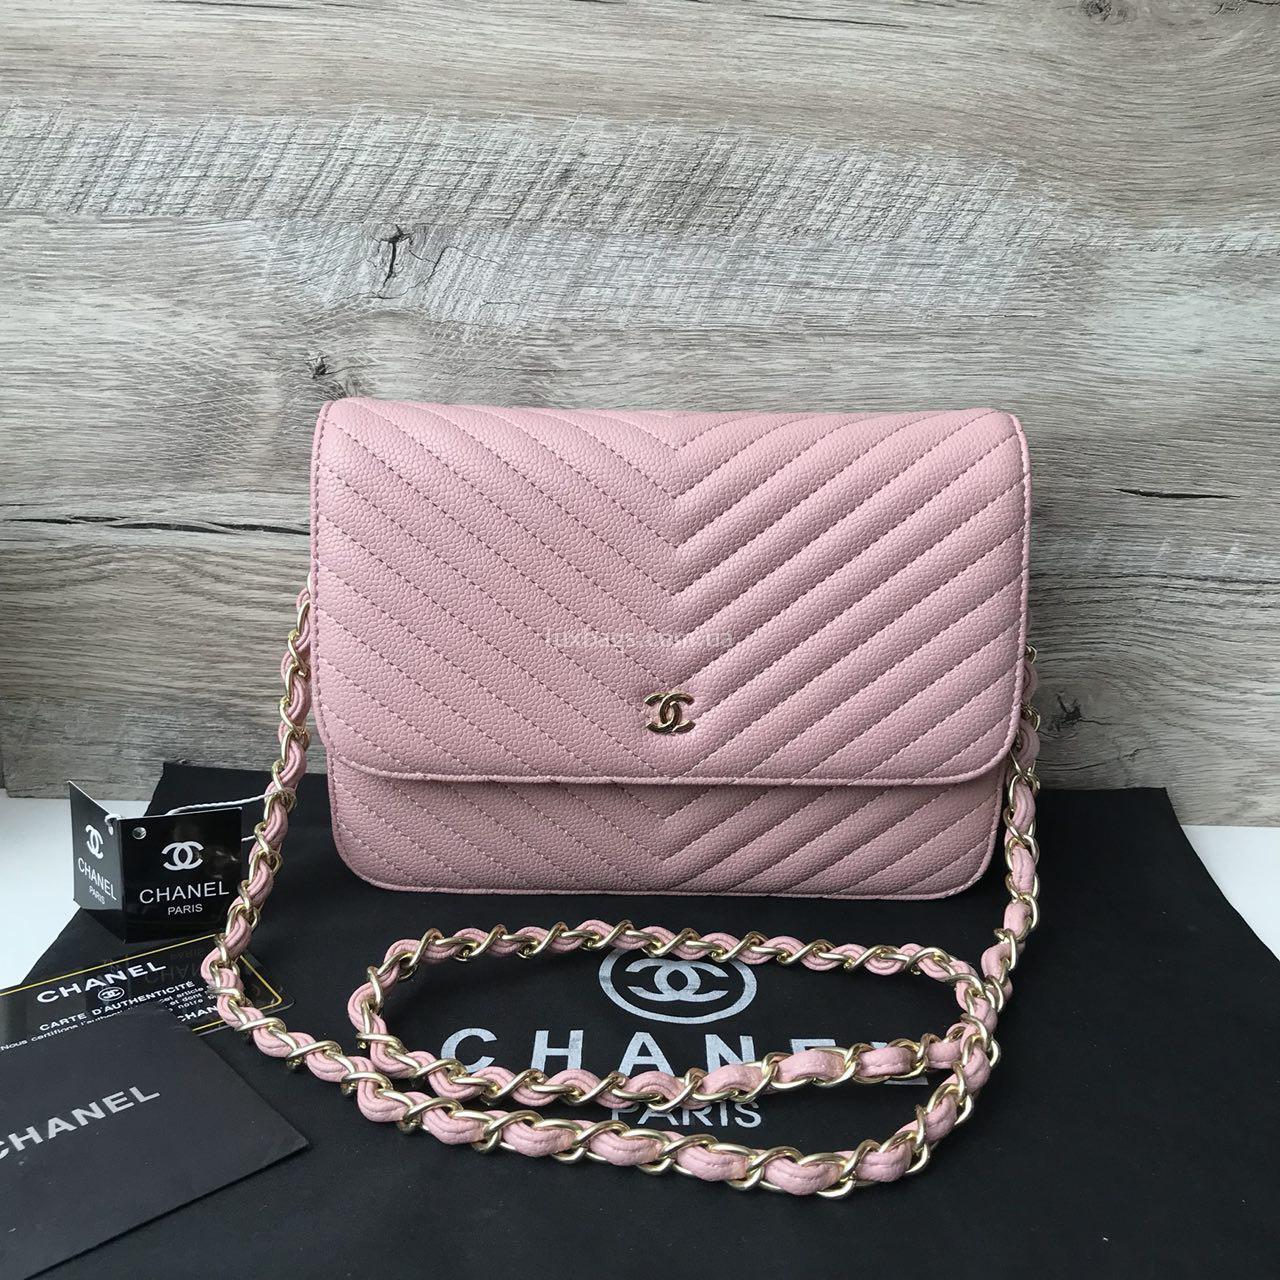 77d95c8e77b8 женская сумочка через плечо на цепочке шанель · Женская сумочка-клатч Chanel  розового цвета